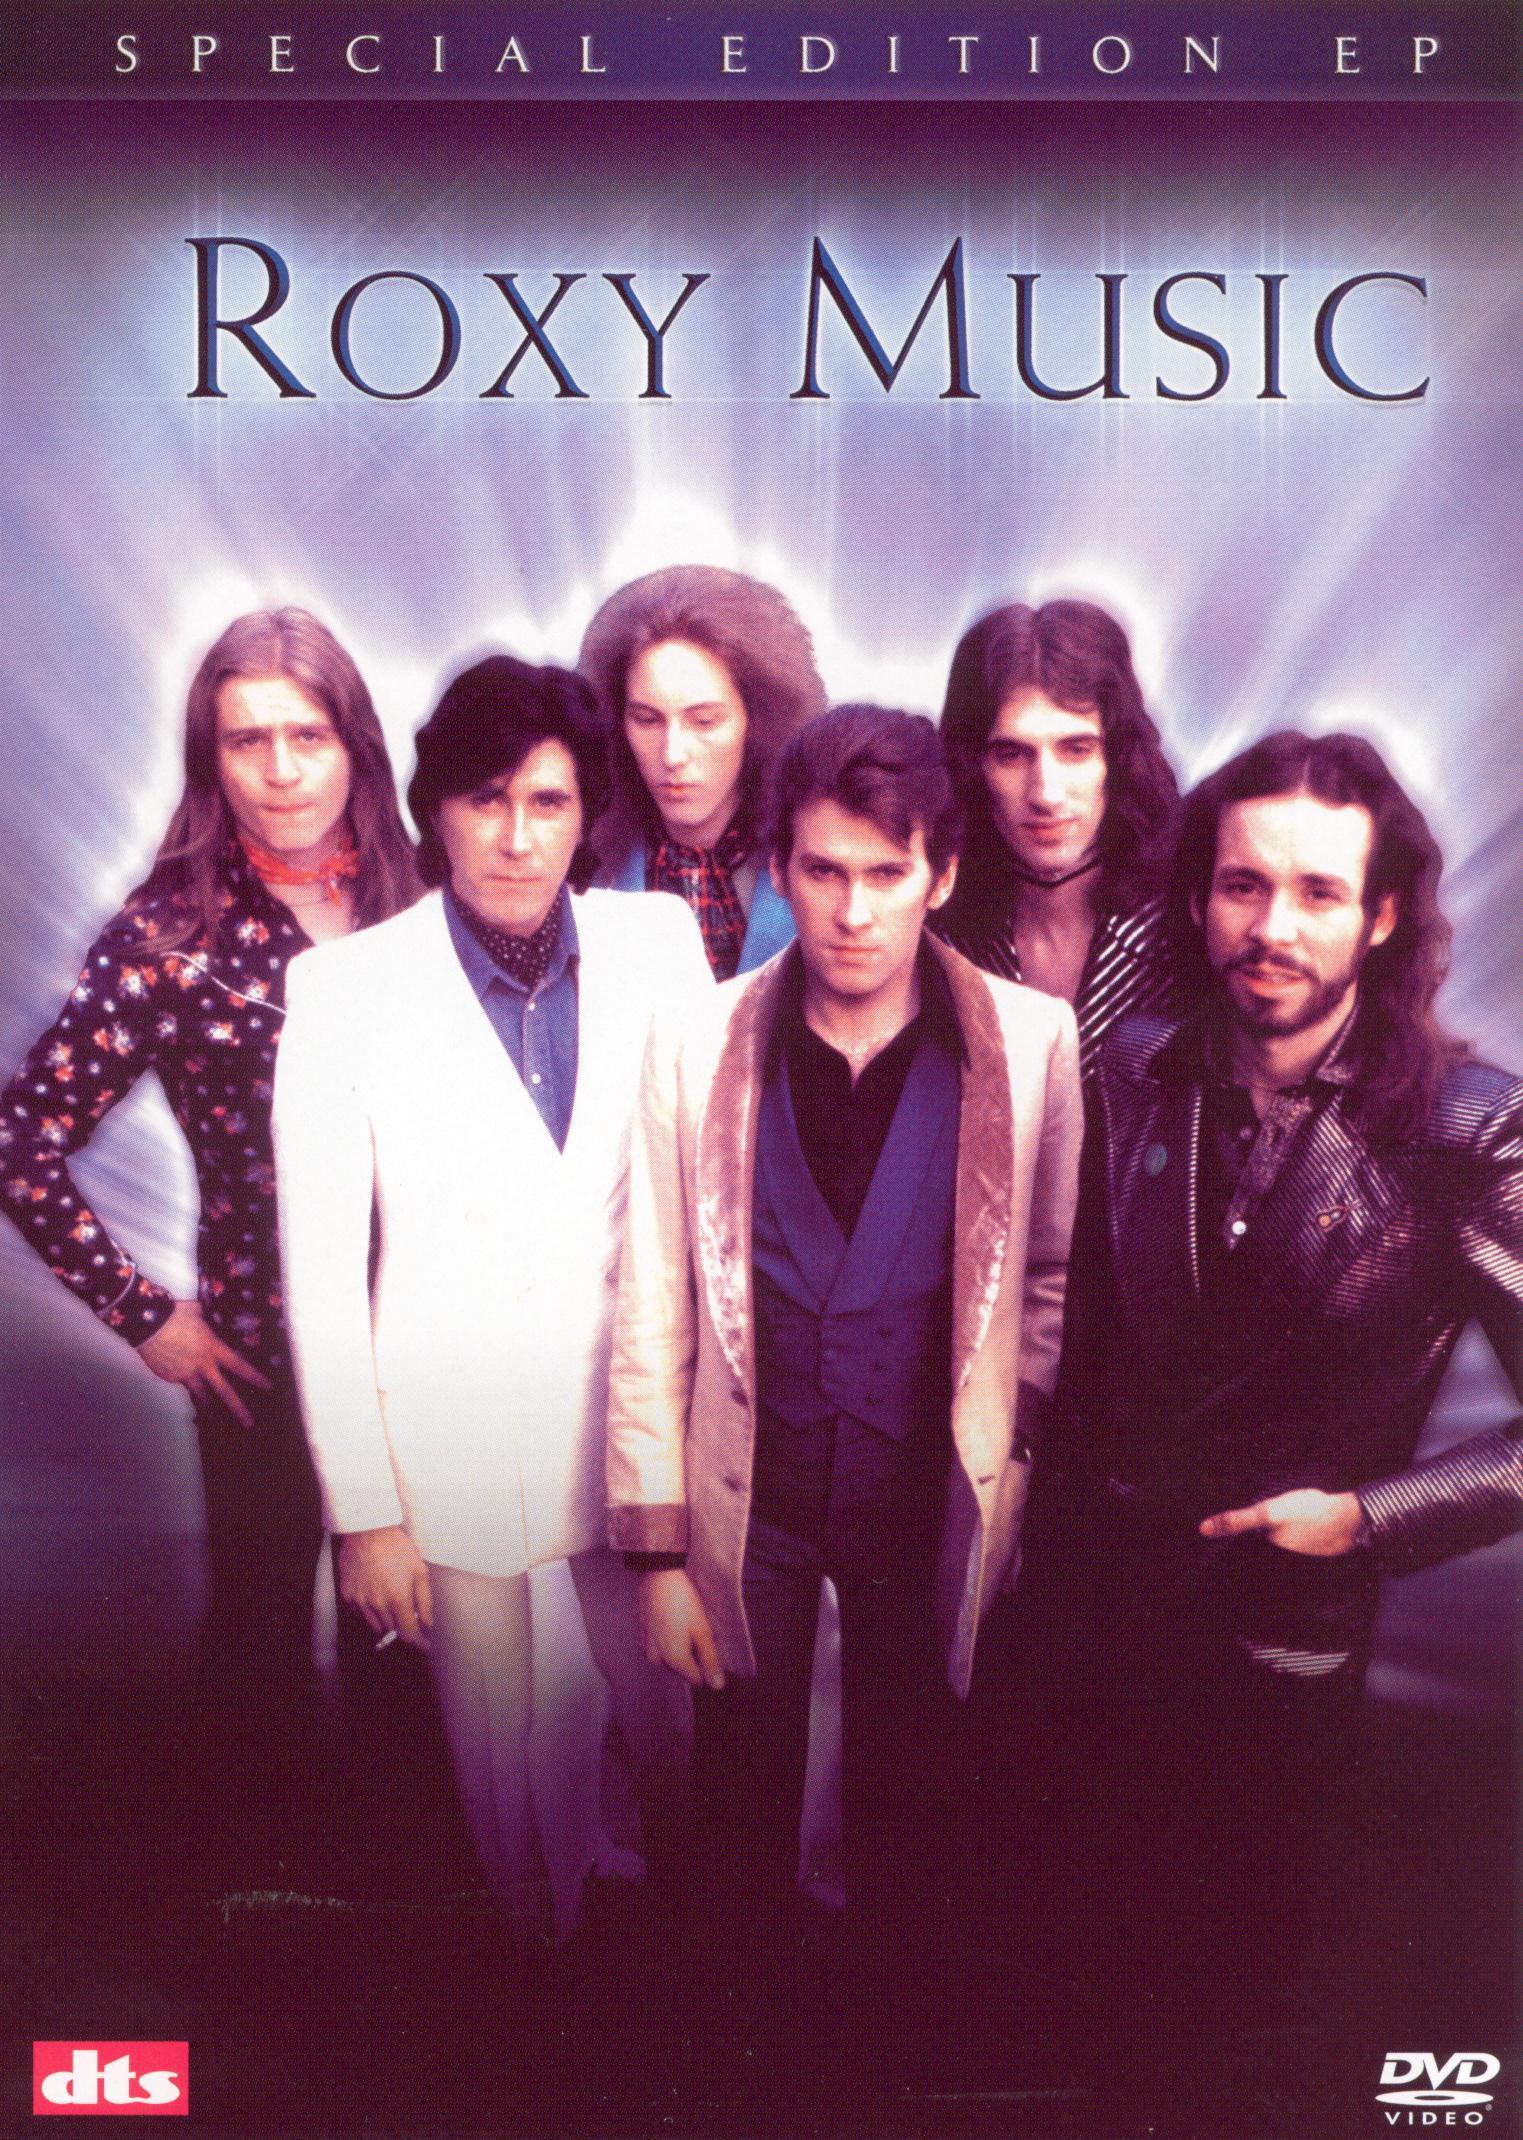 Roxy Music EP